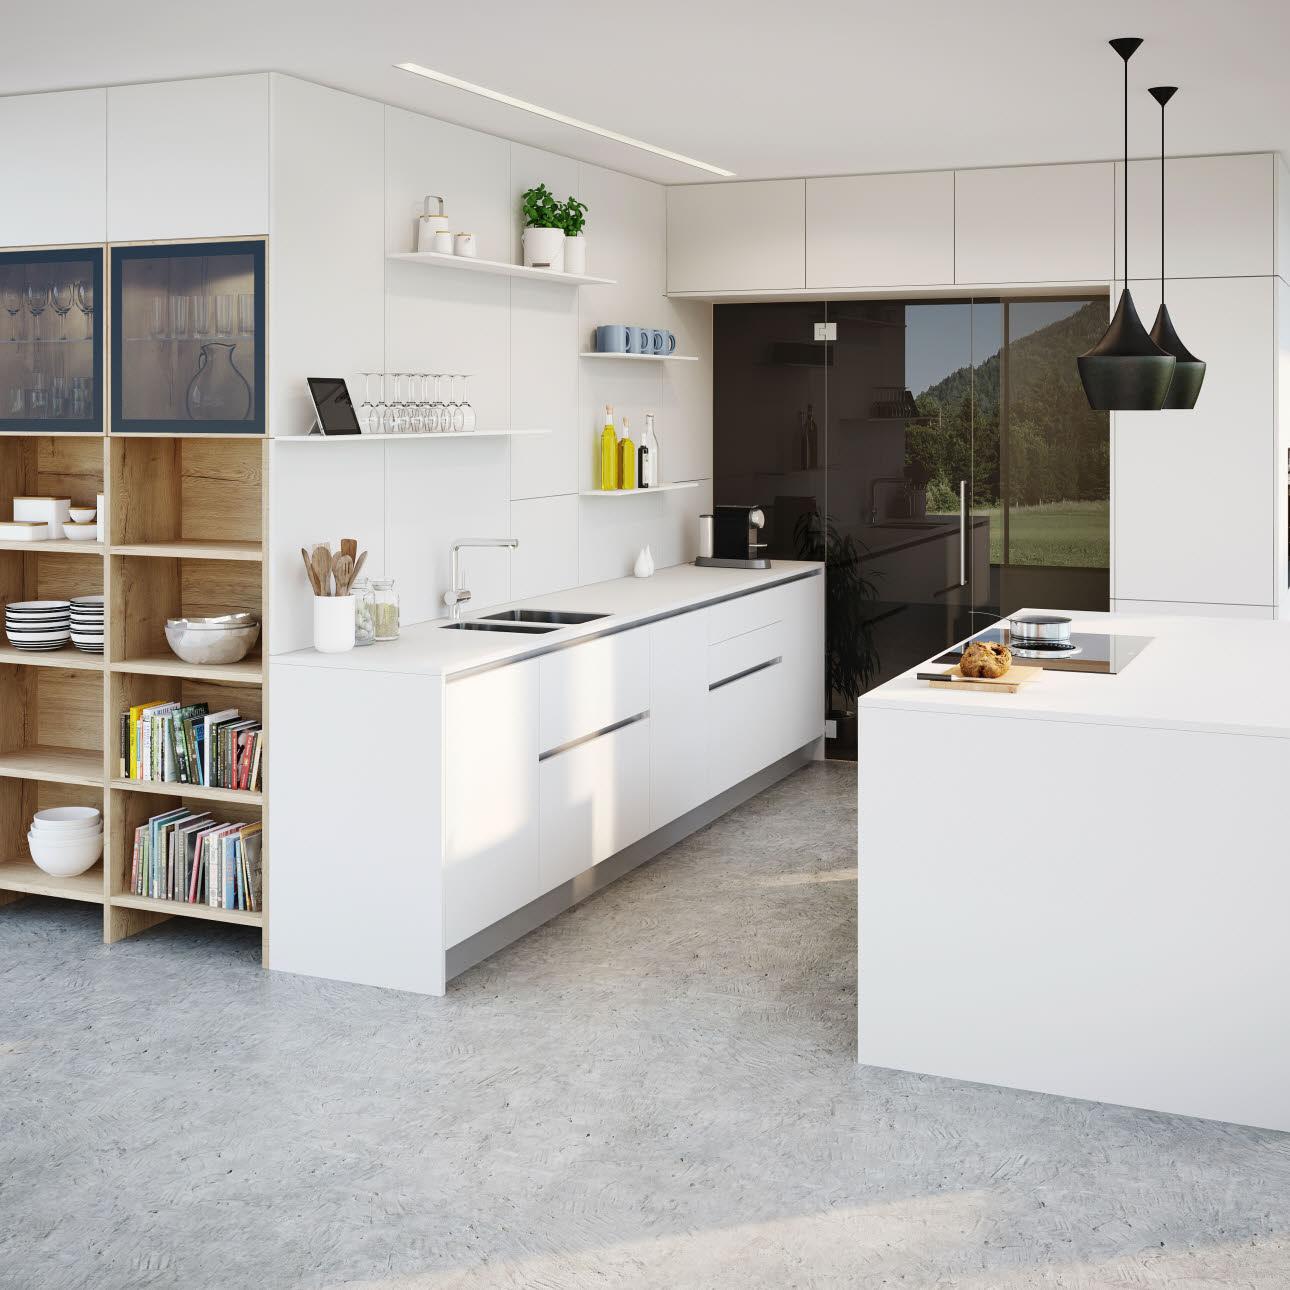 helle k chen k chentrends ewe k chen. Black Bedroom Furniture Sets. Home Design Ideas